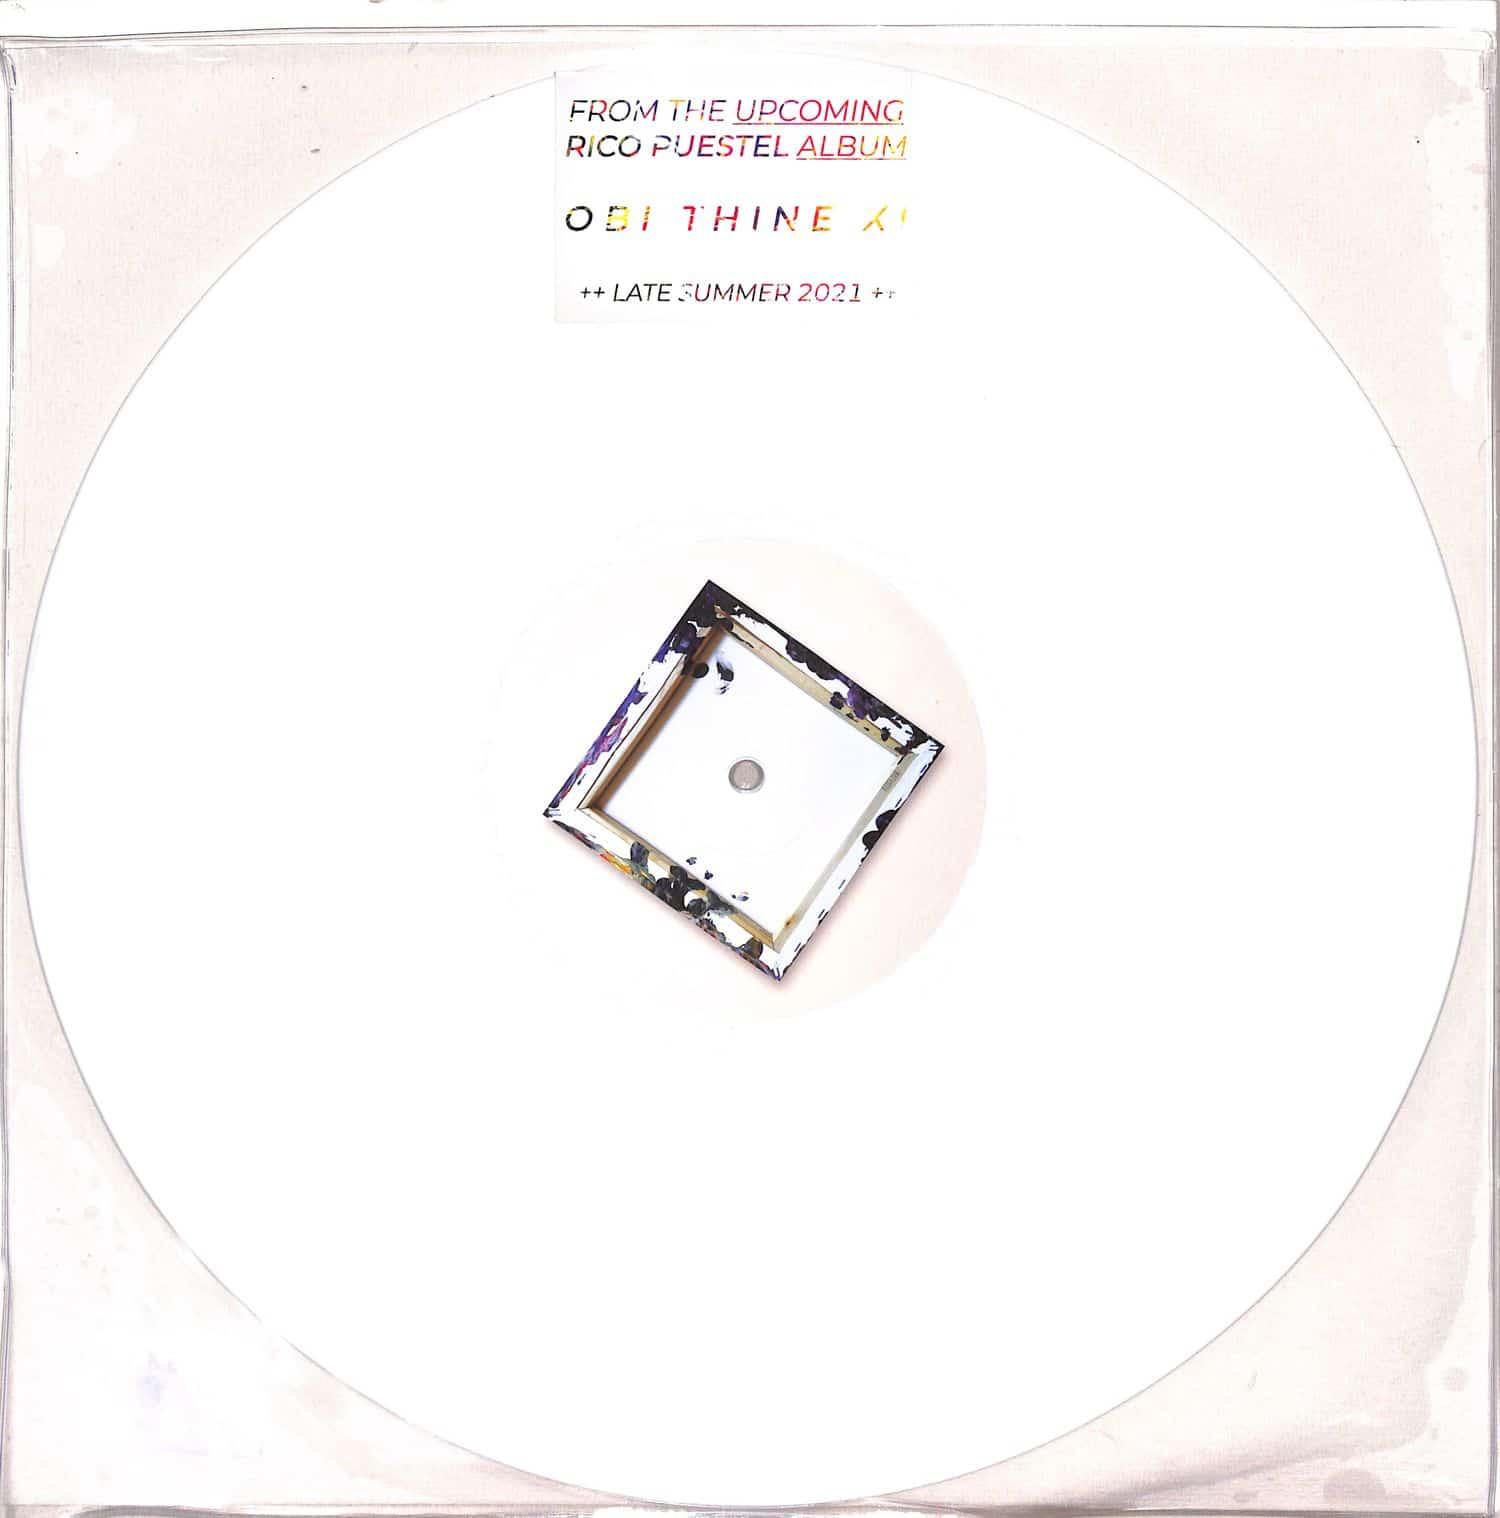 Rico Puestel - ALBUM PRE-EXHIBITION